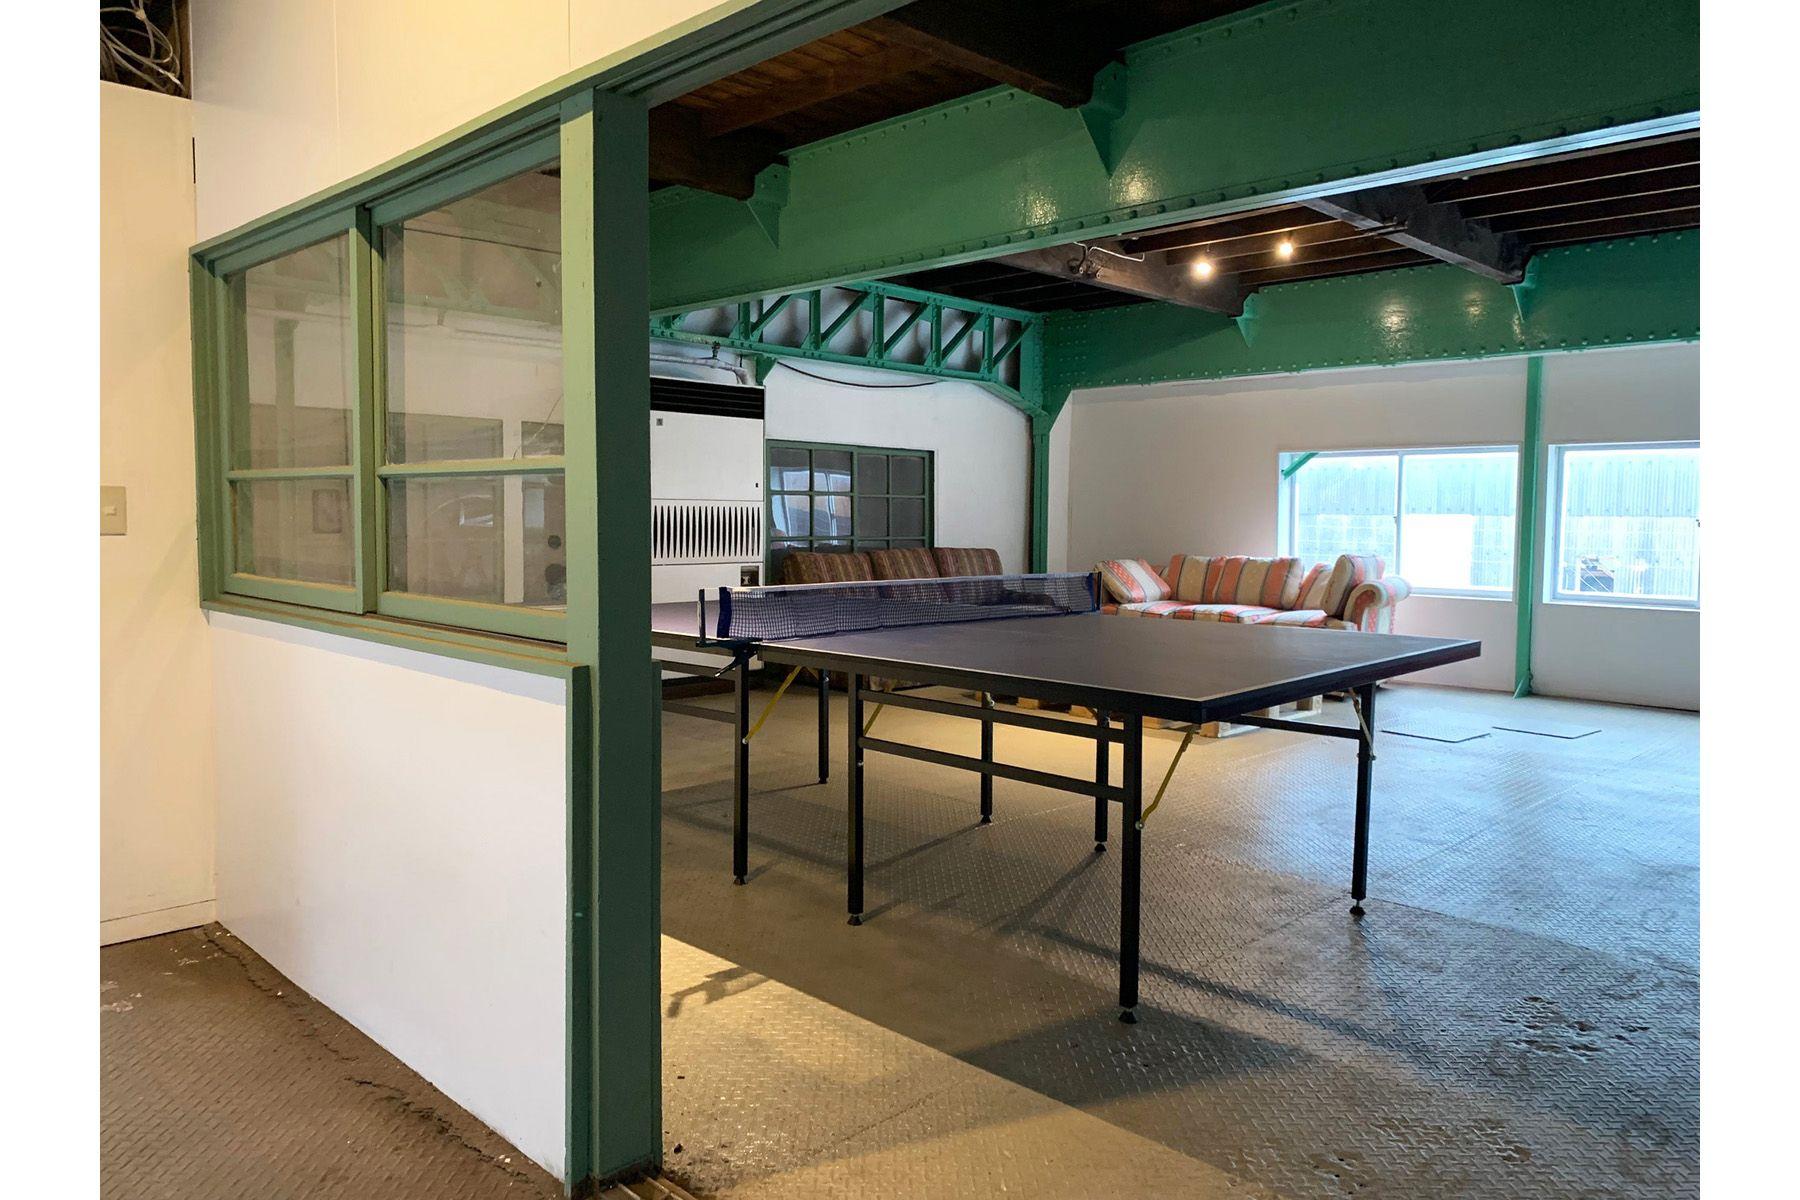 旧海岸第八スタジオ卓球もできる控室